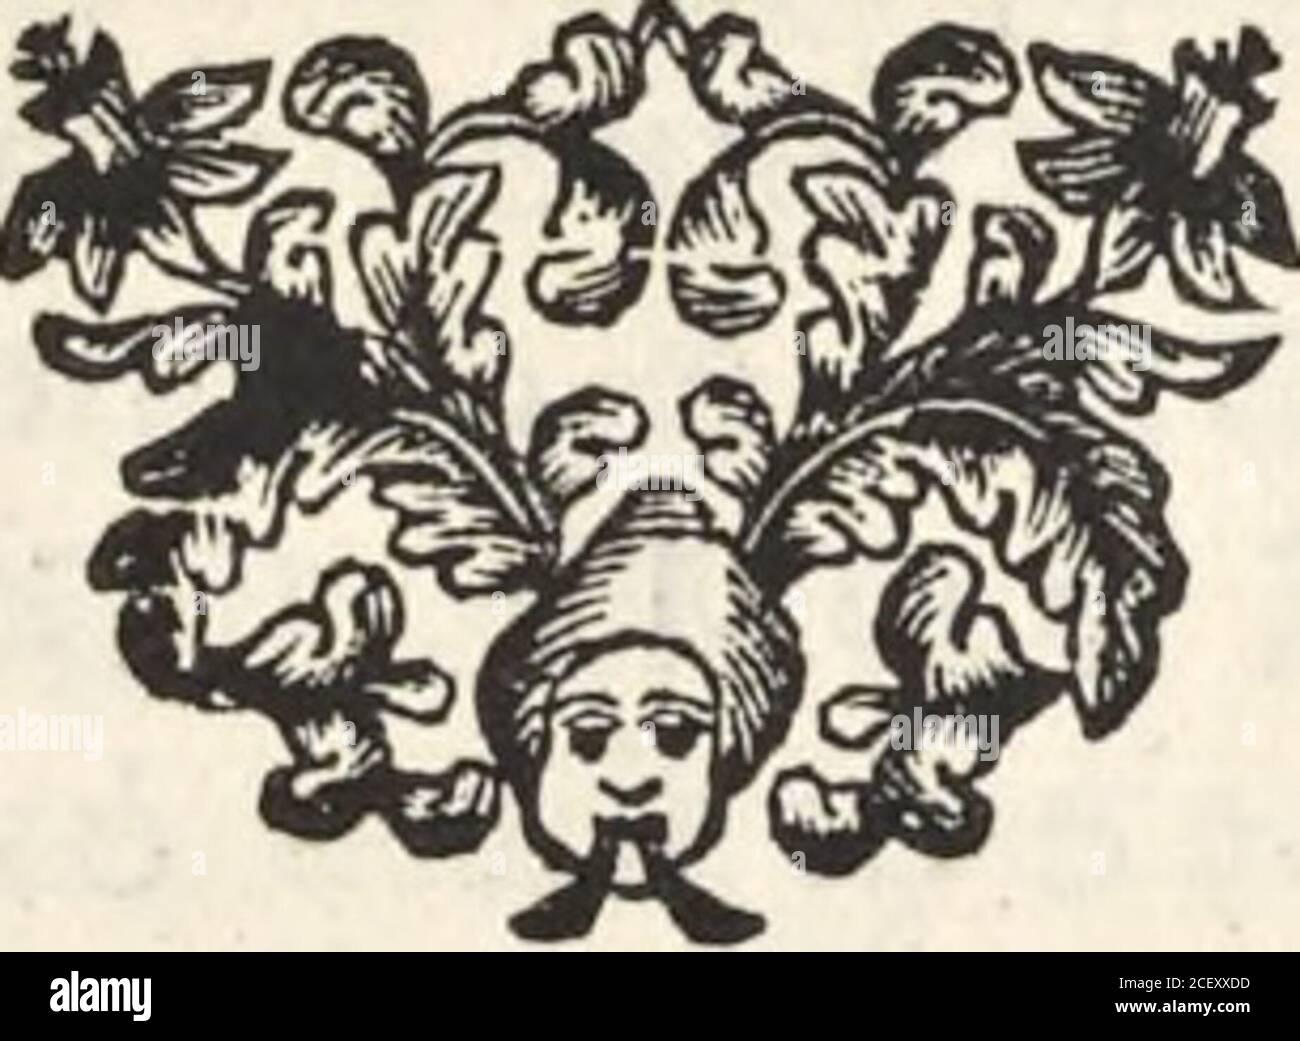 . I cesari in oro : raccolti nel Farnese museo, e pubblicati colle loro congrue interpretazioni. 199 TAVOLA DECIMANONA.. ^saK*» - j* fe^E^J ^--é^^f&SB m % ^%Fm trr&i /v NERONE. E mai videfi obbligata a vergognofi rof-fori la Maeftà Latina, allora fu certa-mente ,quando Nerone, addomeftican-dofi a gente volgare, fondò linterefiedella fua gloria nel gareggiare co Mu-fici, Citarifti, e Carrettieri. Parea, chelinclito pregio del Cefareo Alloro non aveffe me-rito badante, per divertire la di lui ignobile ambi-zione dalla brama di metterli fu la fronte quellaCorona, che tra i contrarli demoli dozzin Stock Photo